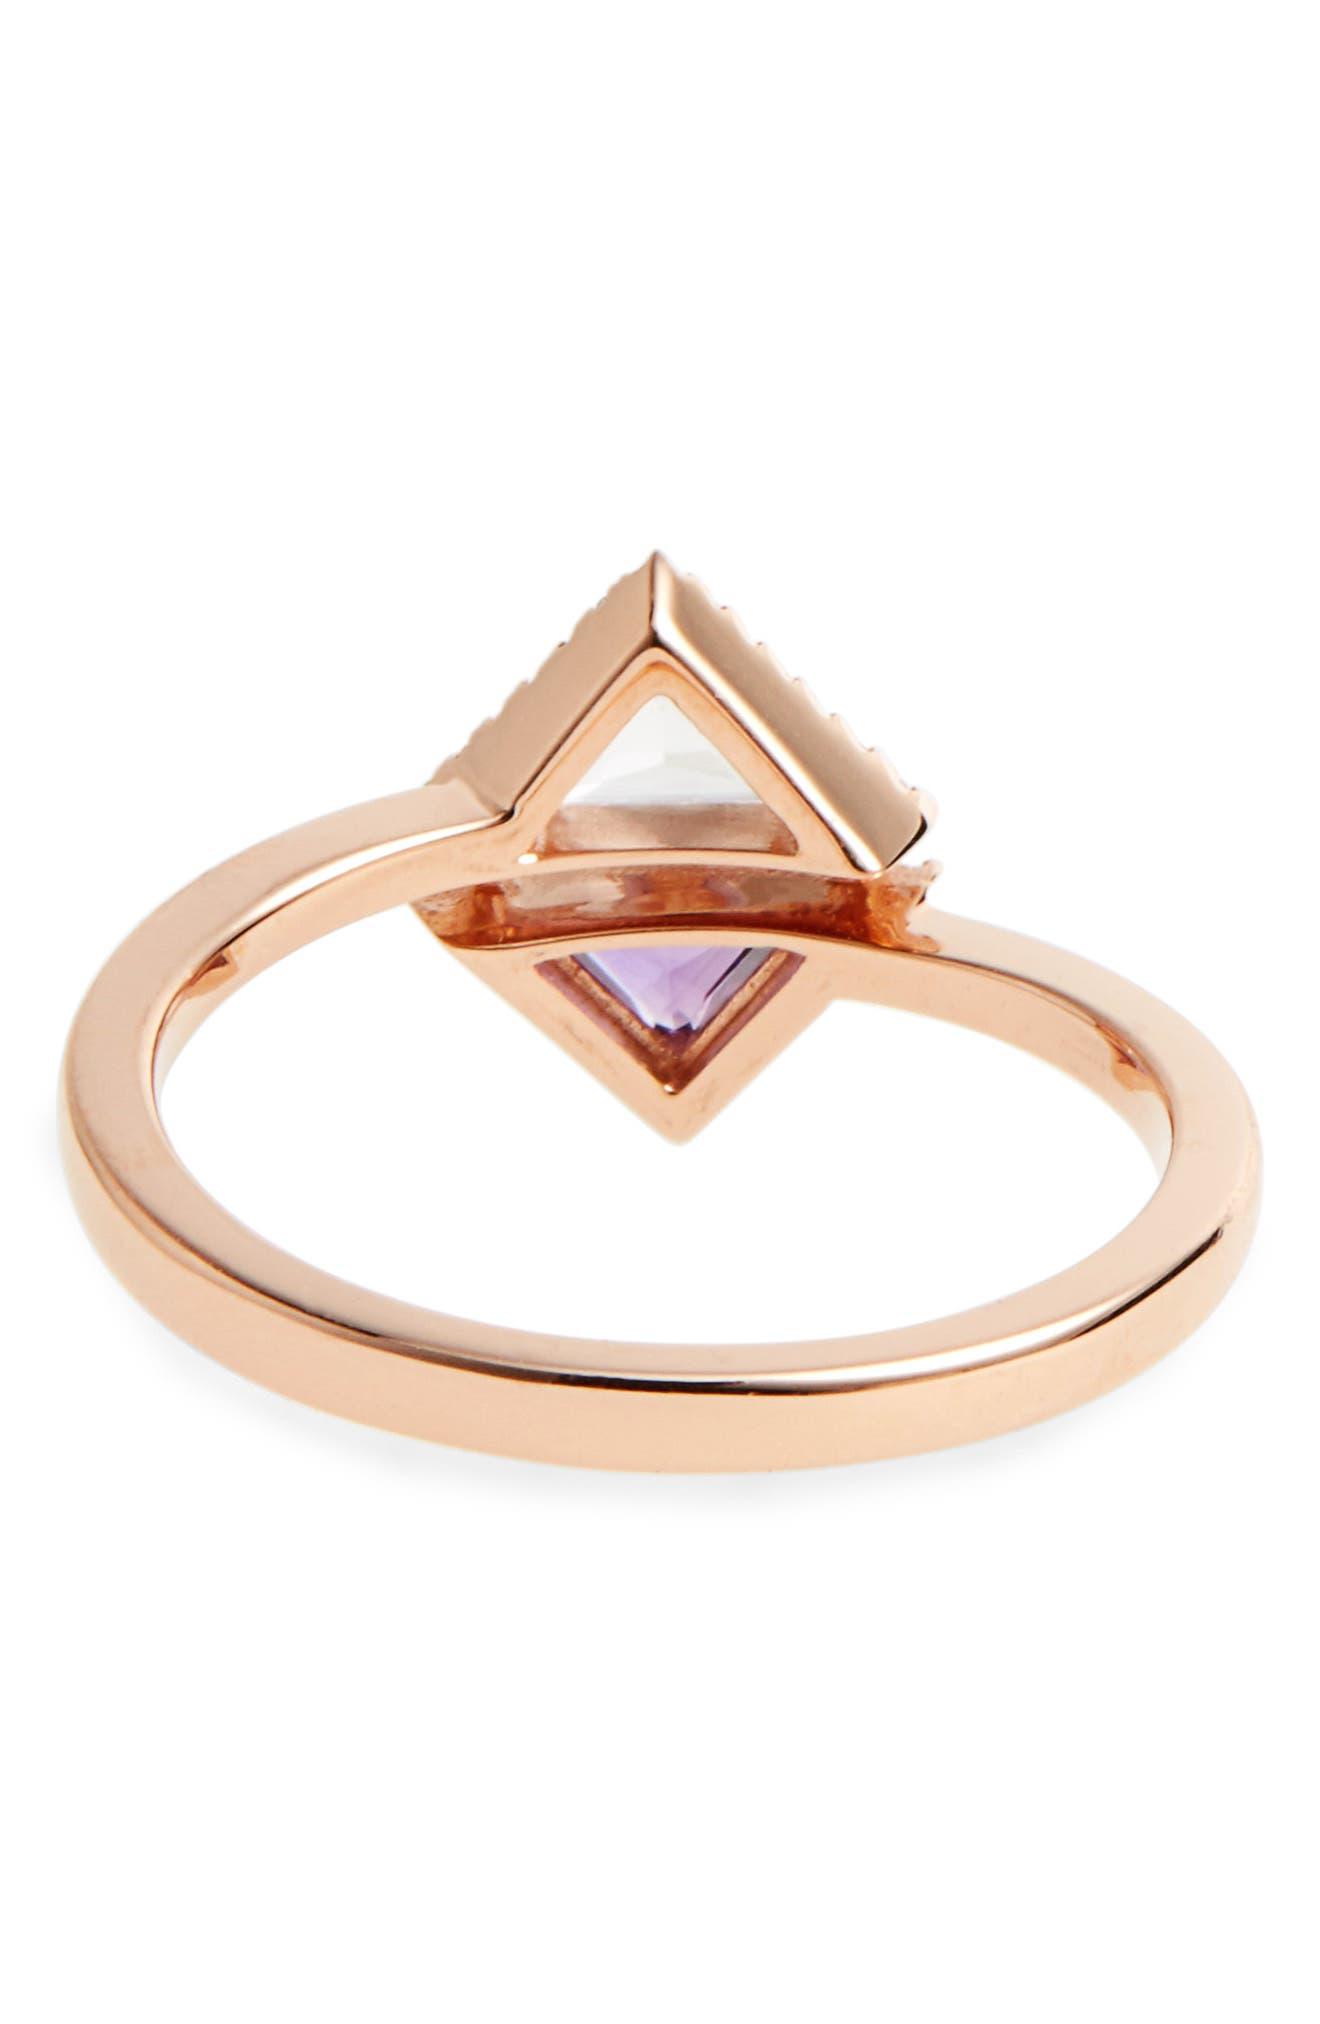 Iris Double Triangle Diamond & Semiprecious Stone Ring,                             Alternate thumbnail 4, color,                             White Topaz/ Amethyst